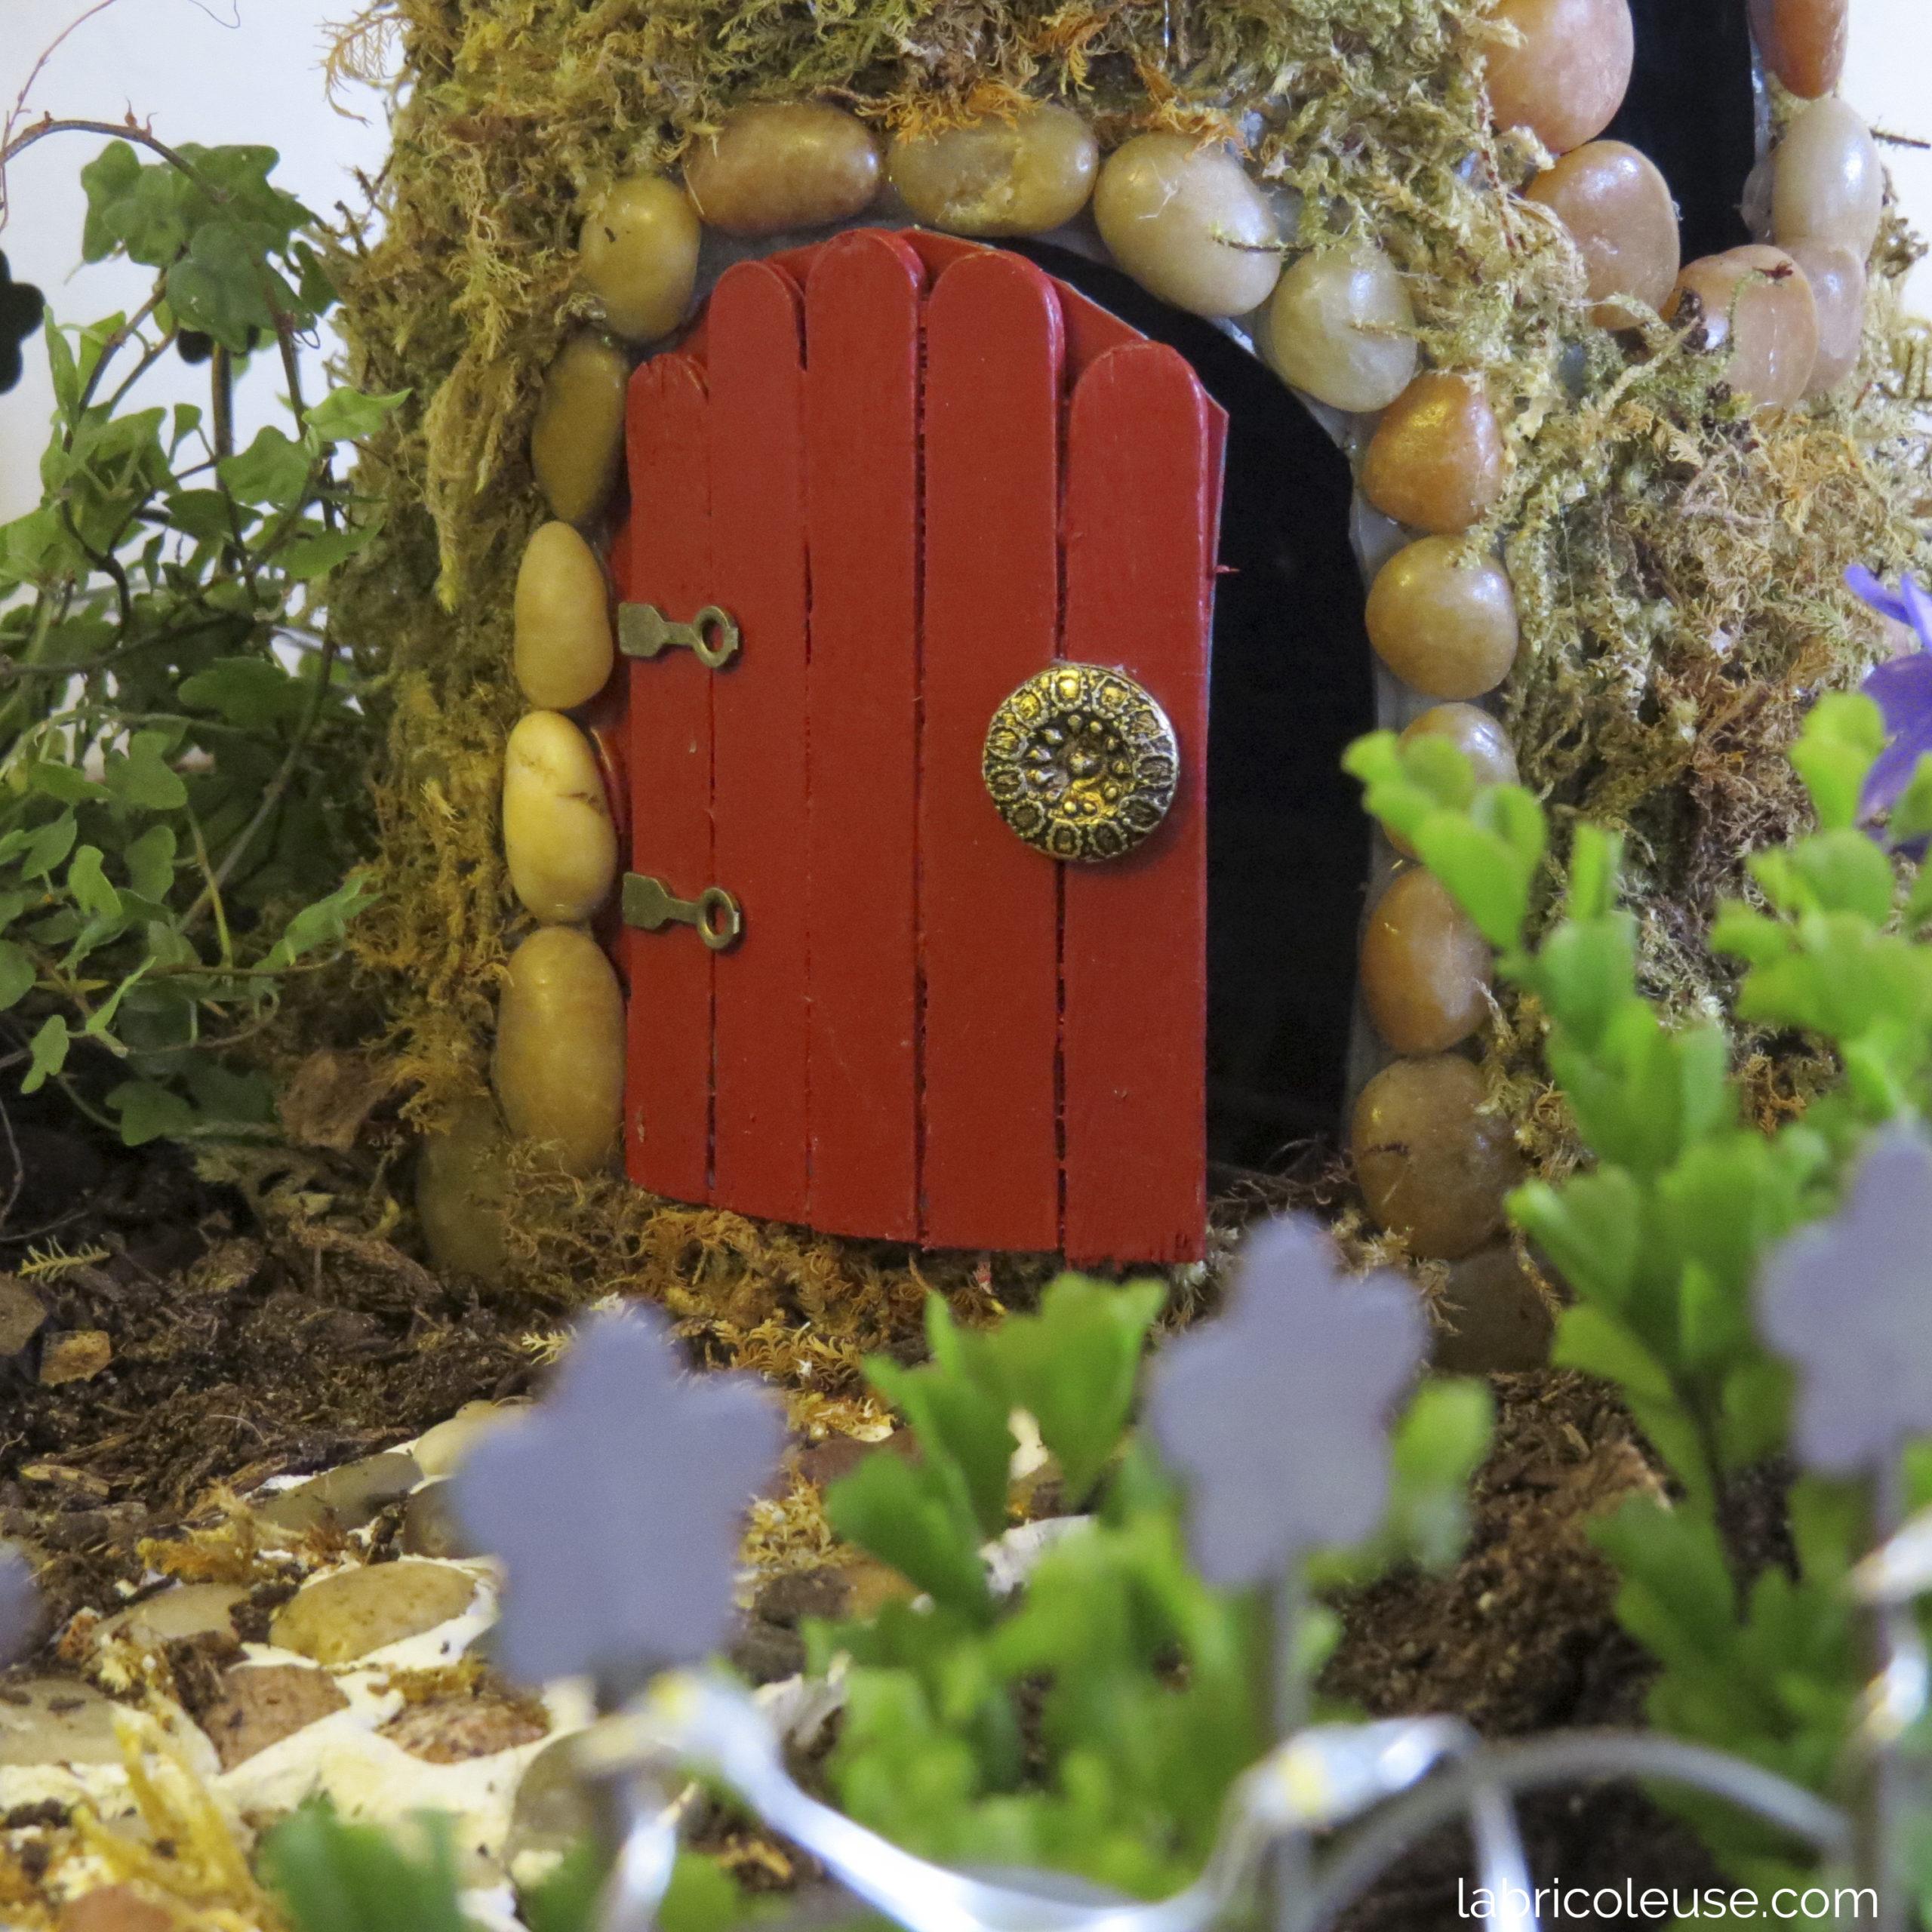 Porte d'une maison de fée